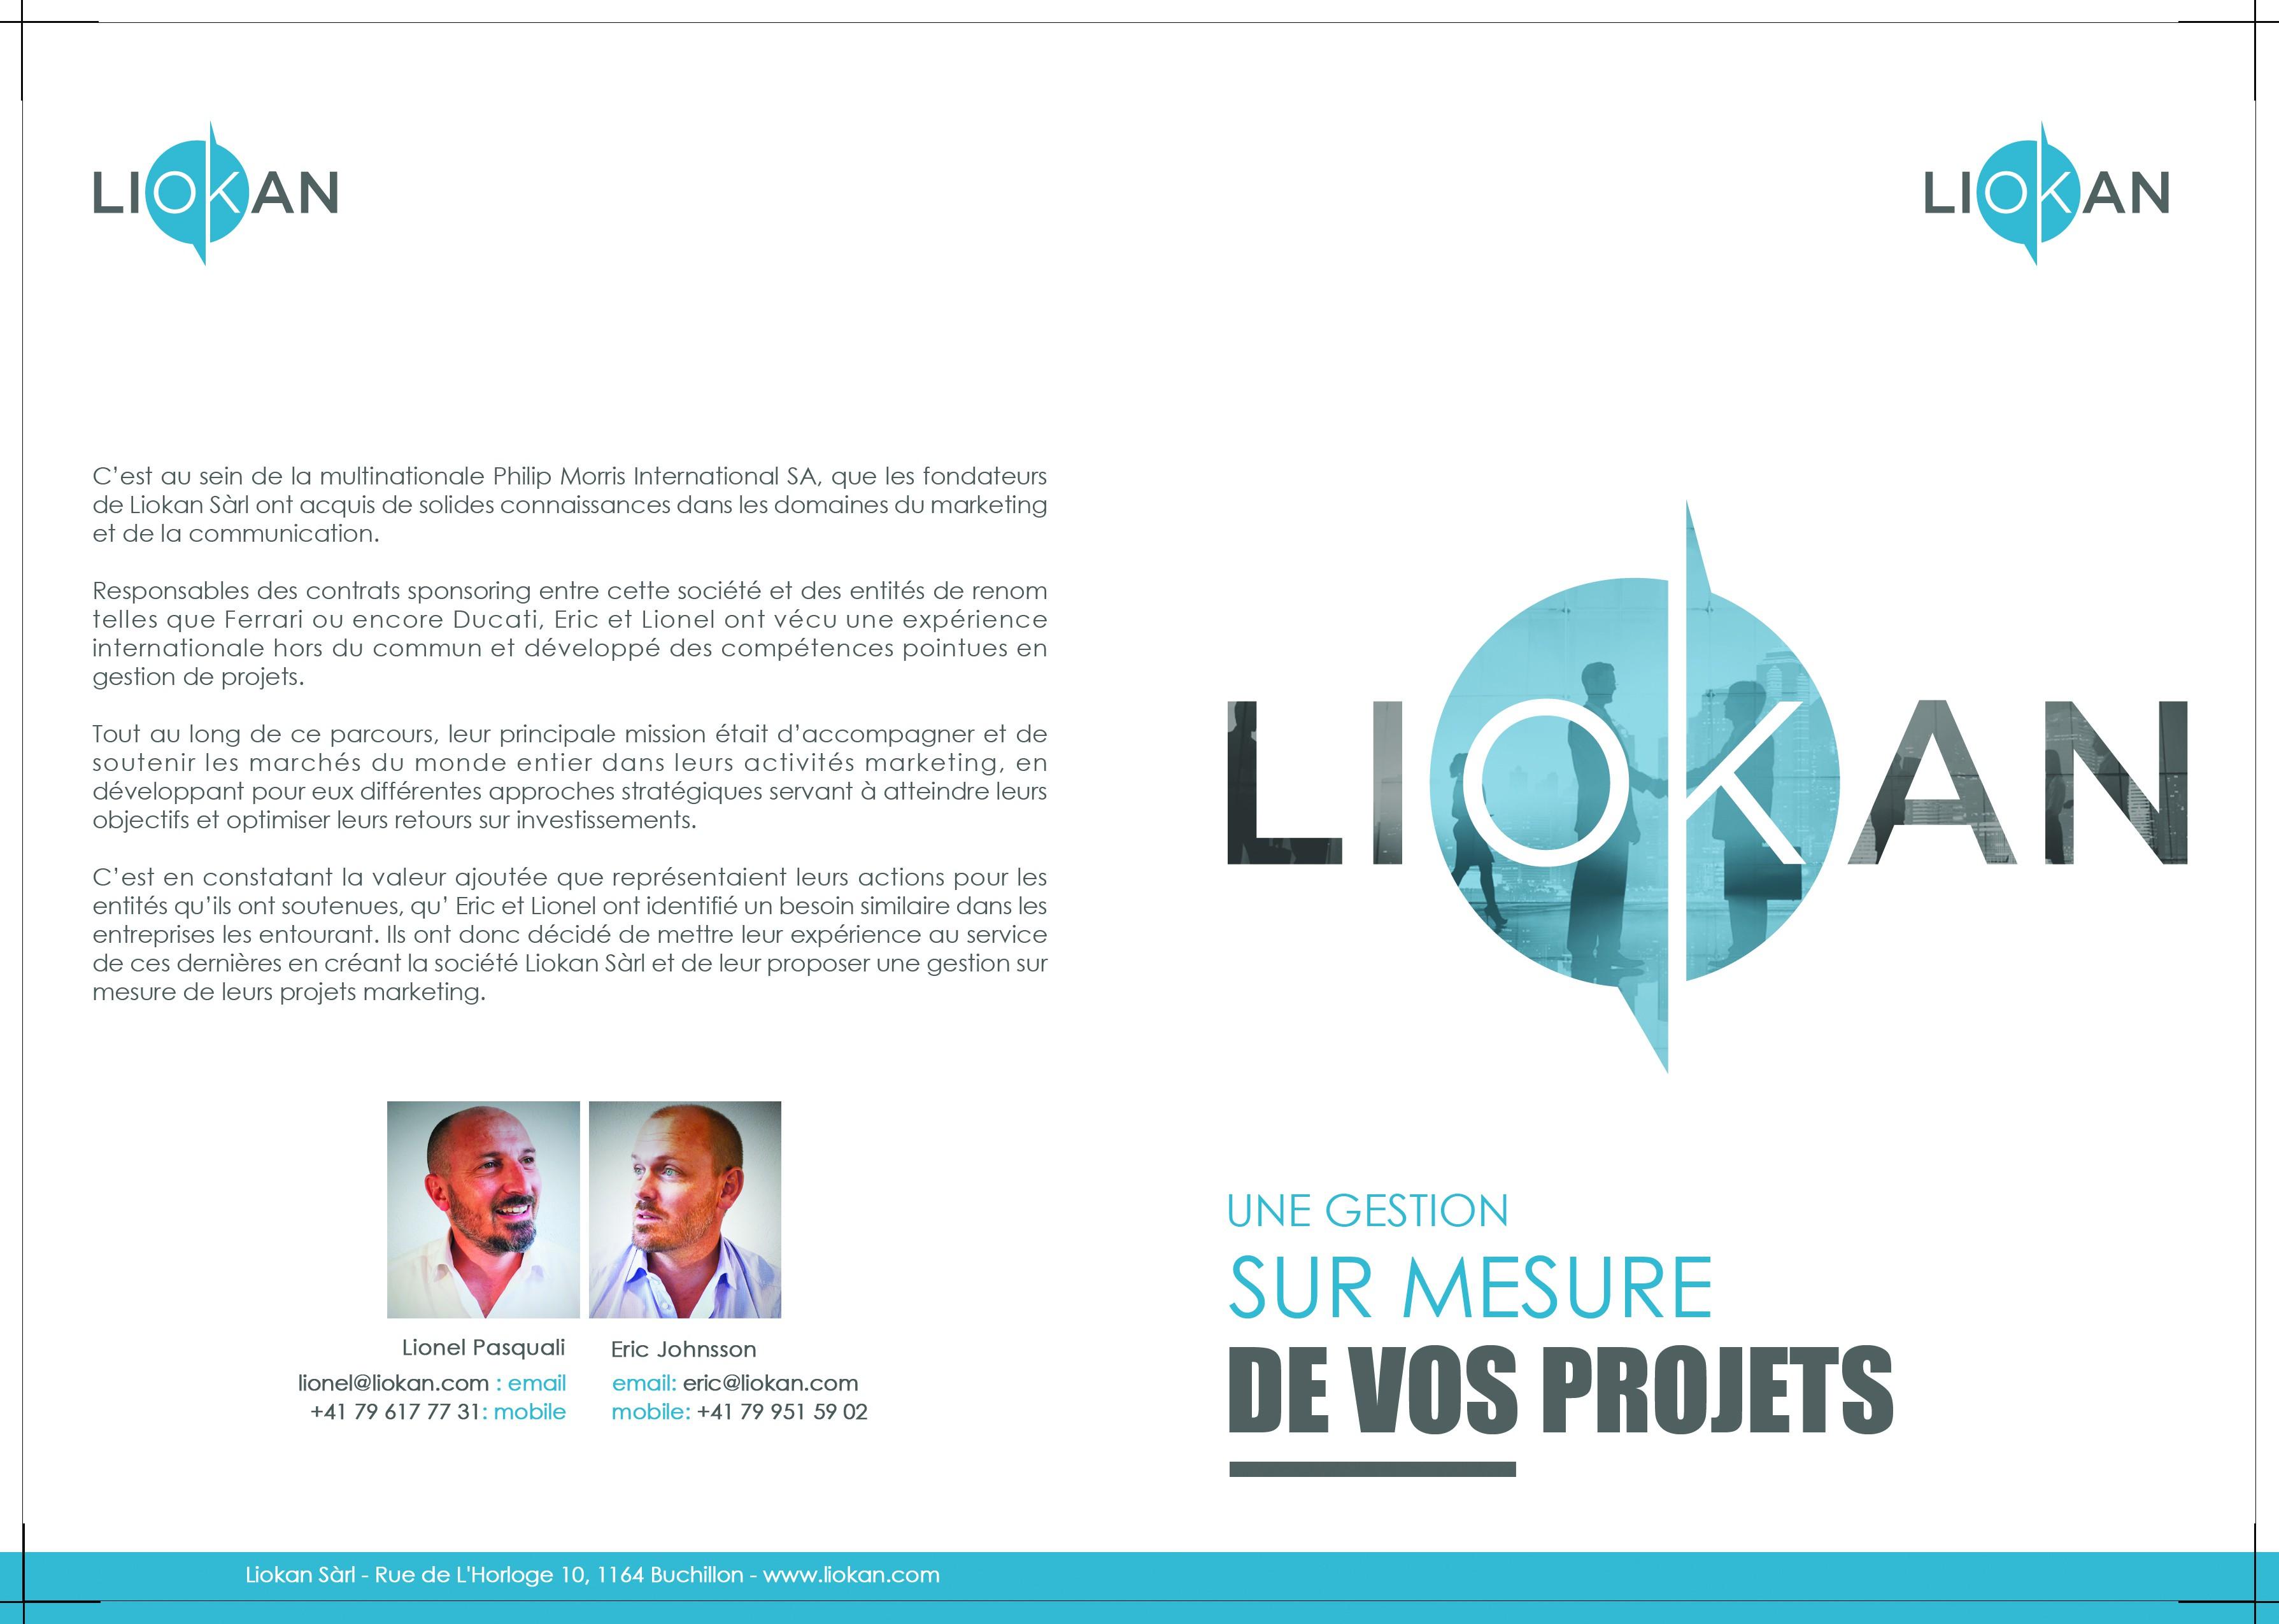 Liokan